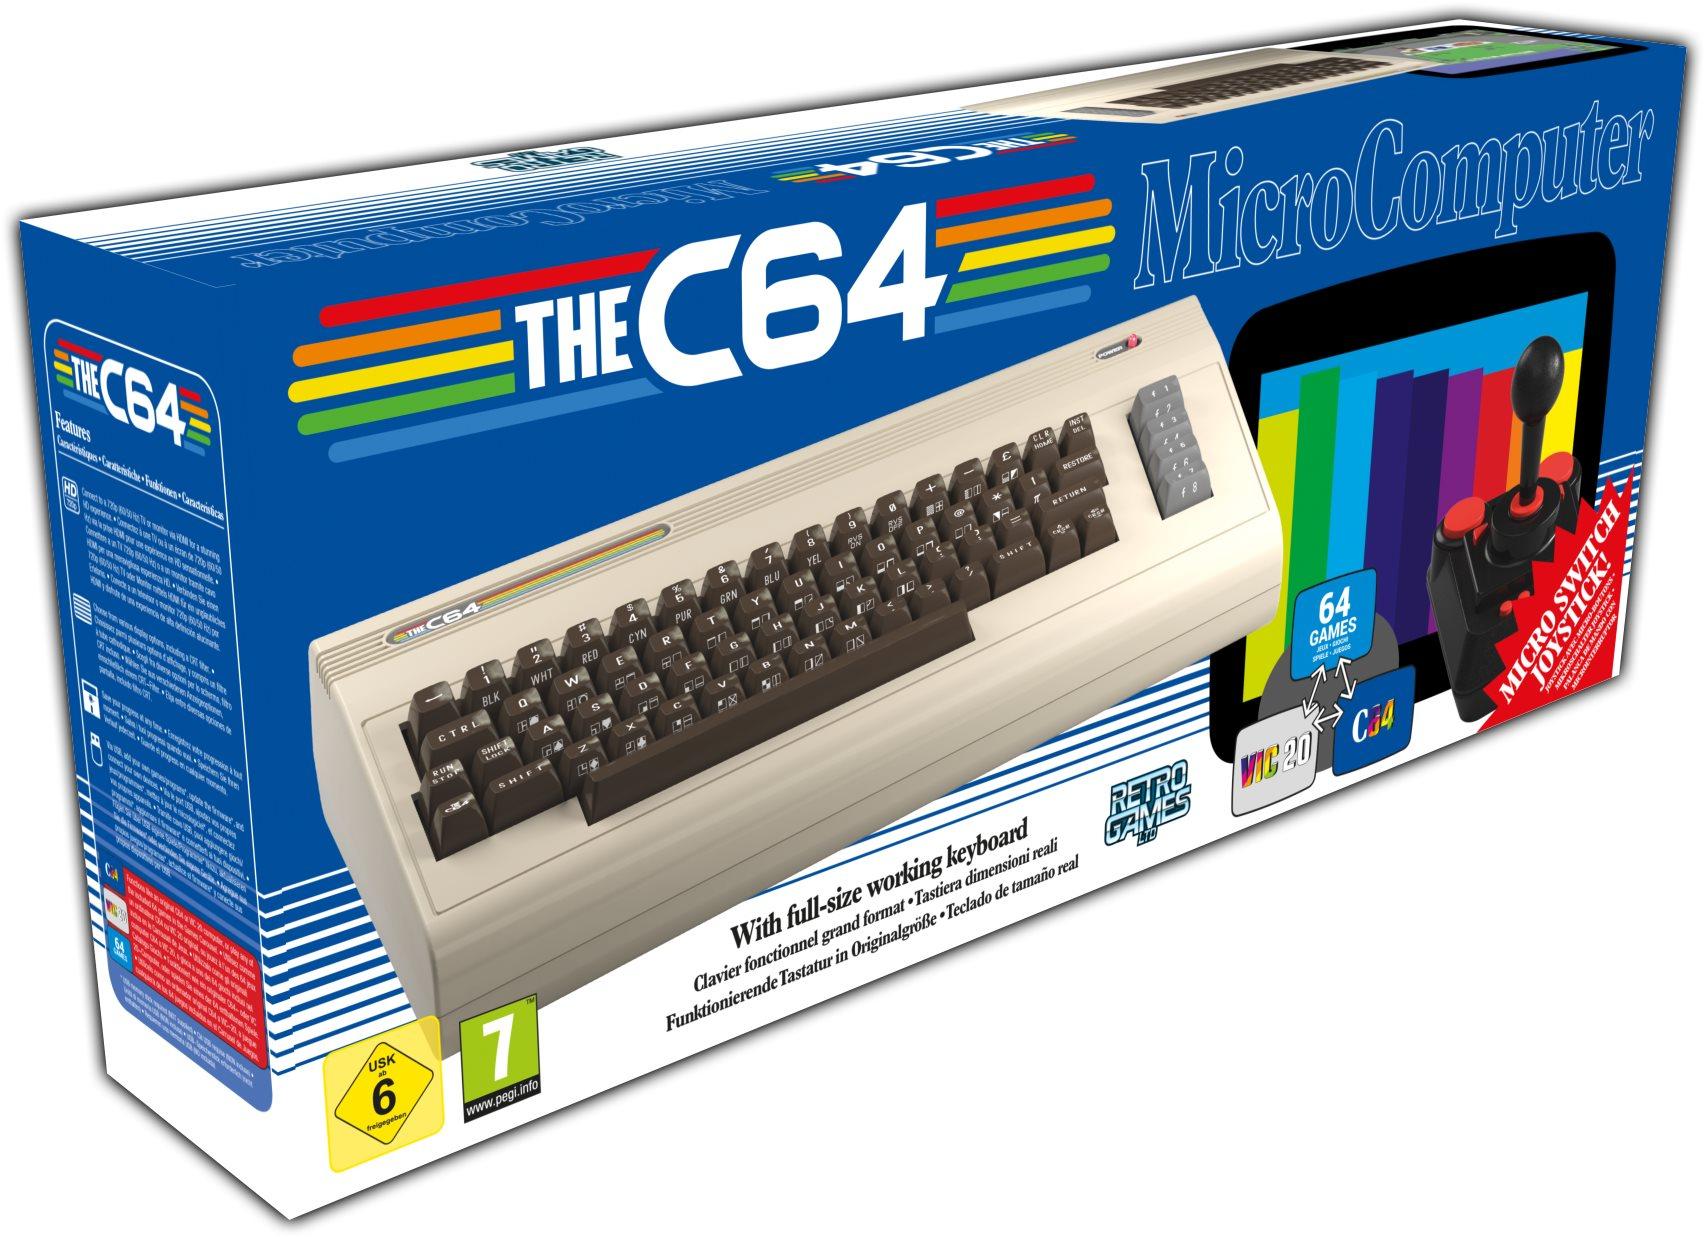 Retro Konzol Commodore C64 Maxi